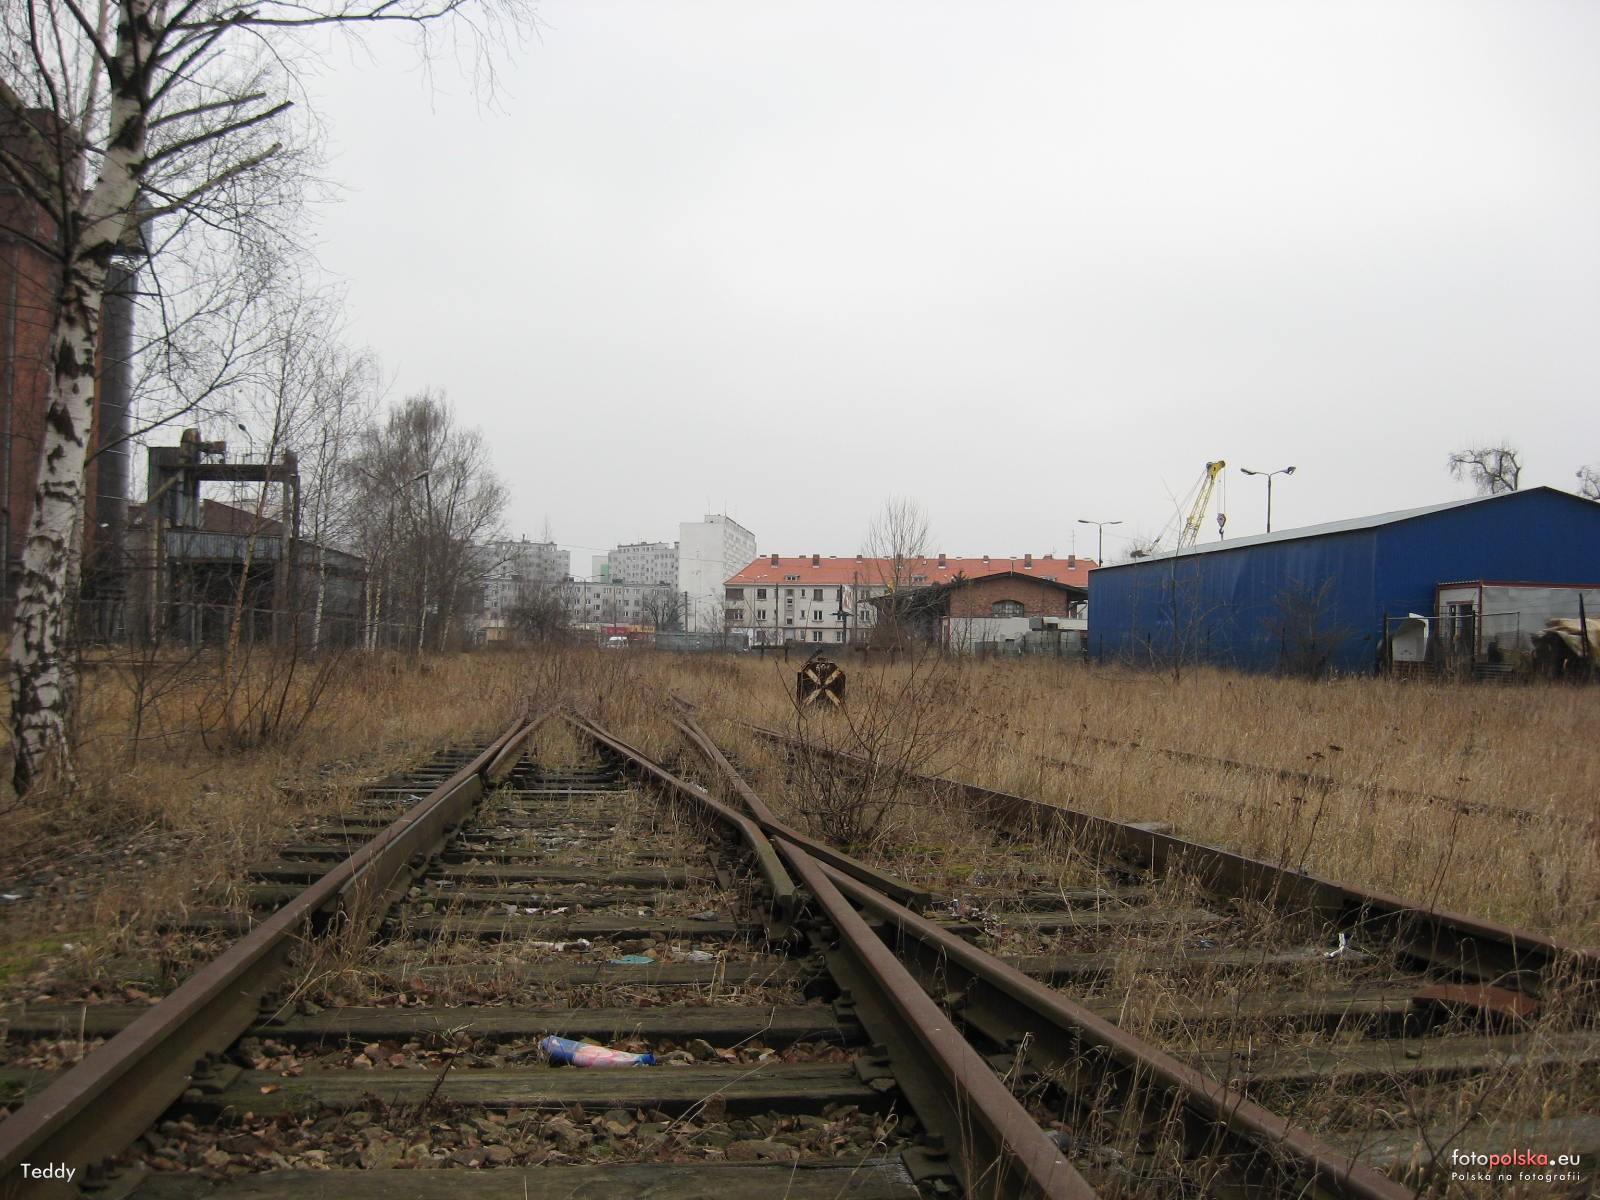 Polnocna_kolejowa_bocznica_towarowa_609924_Fotopolska-Eu